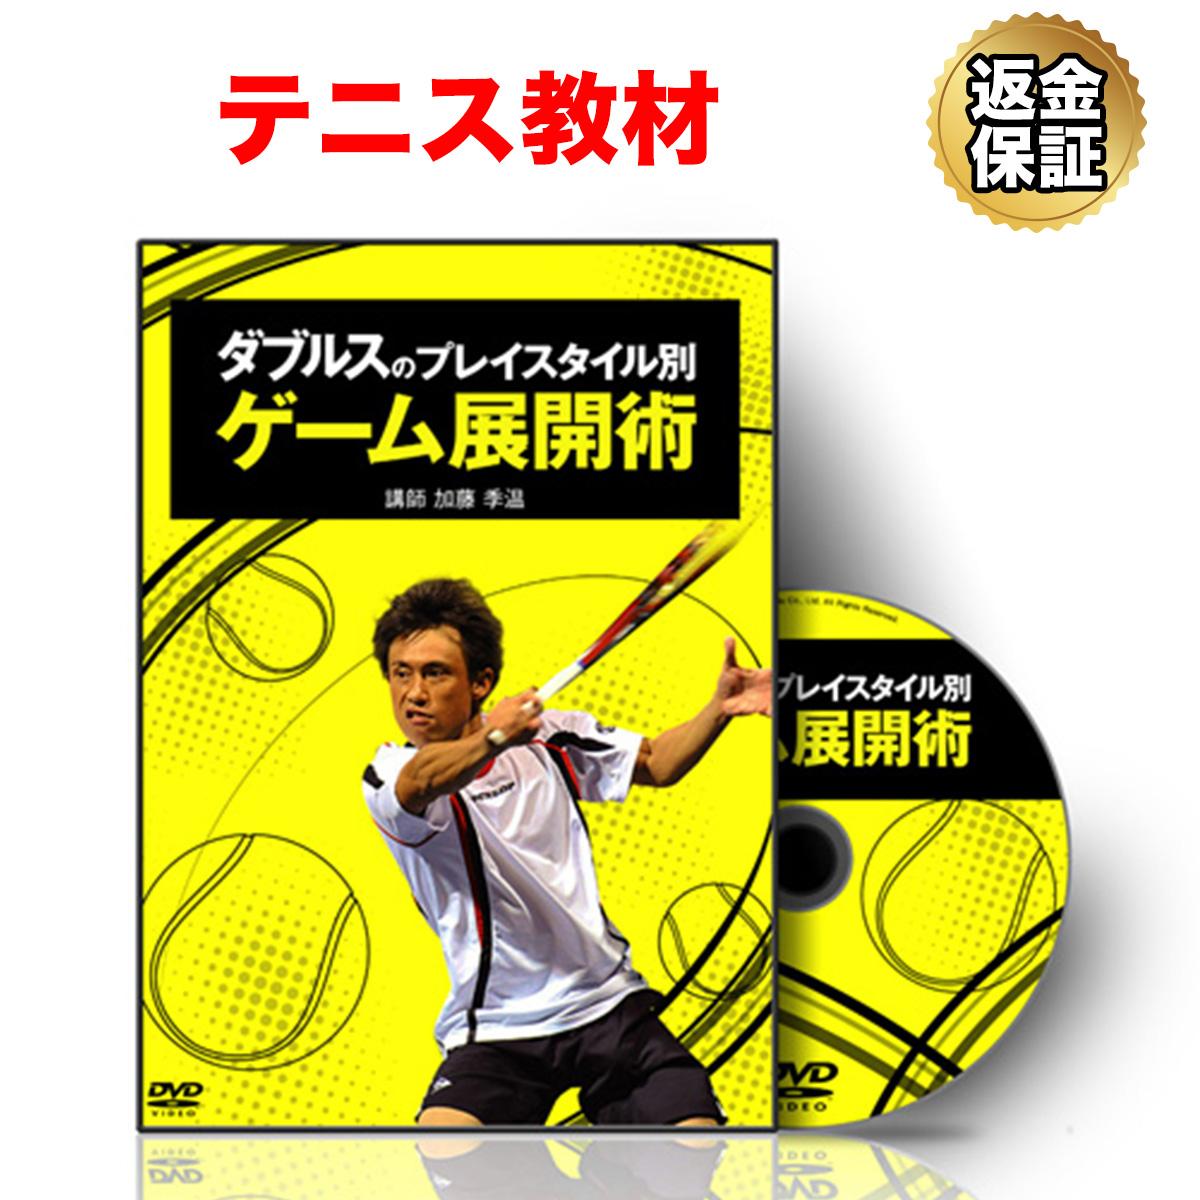 販売 テニス 教材 ダブルスのプレイスタイル別ゲーム展開術 送料無料でお届けします DVD